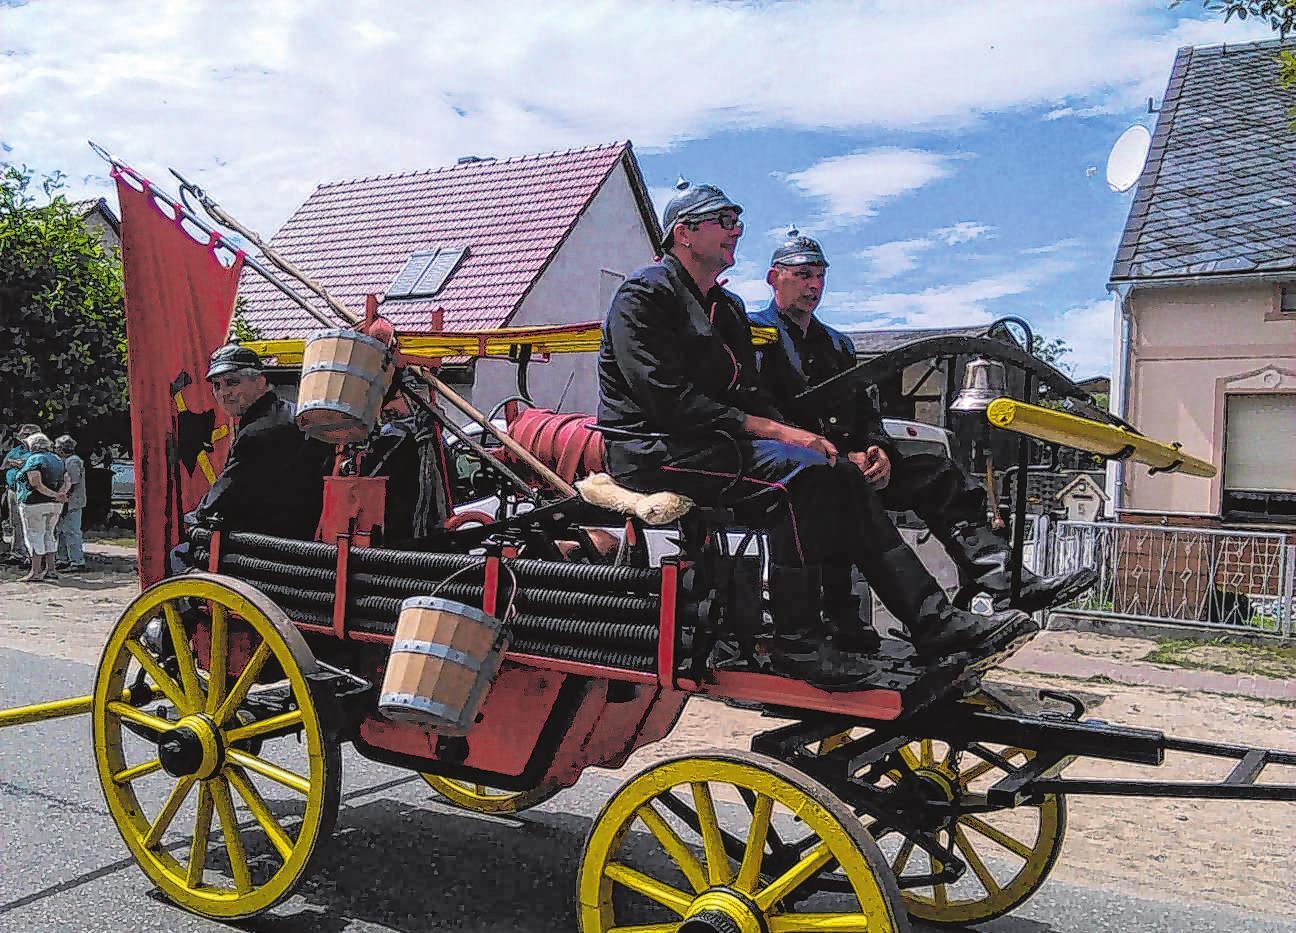 Die historische Spritze der Lunower Feuerwehr ist beim Festumzug am 4. Mai wieder dabei. Foto: privat